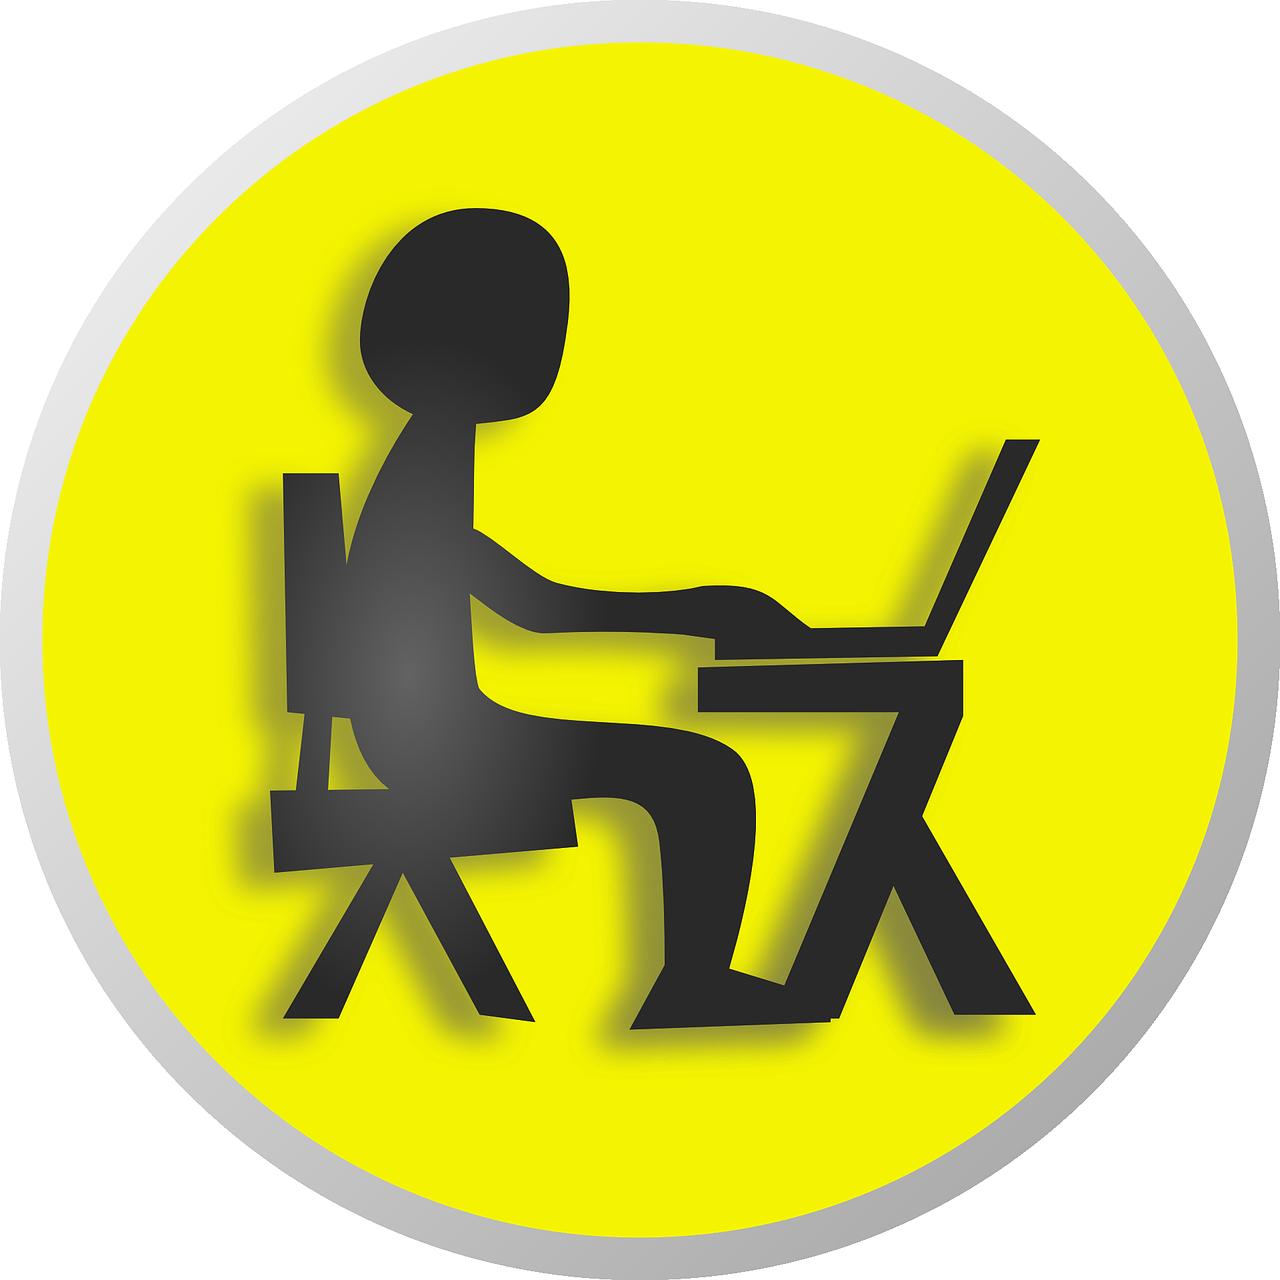 Wyposażenie lub doposażenie stanowisk pracy dla skierowanych bezrobotnych